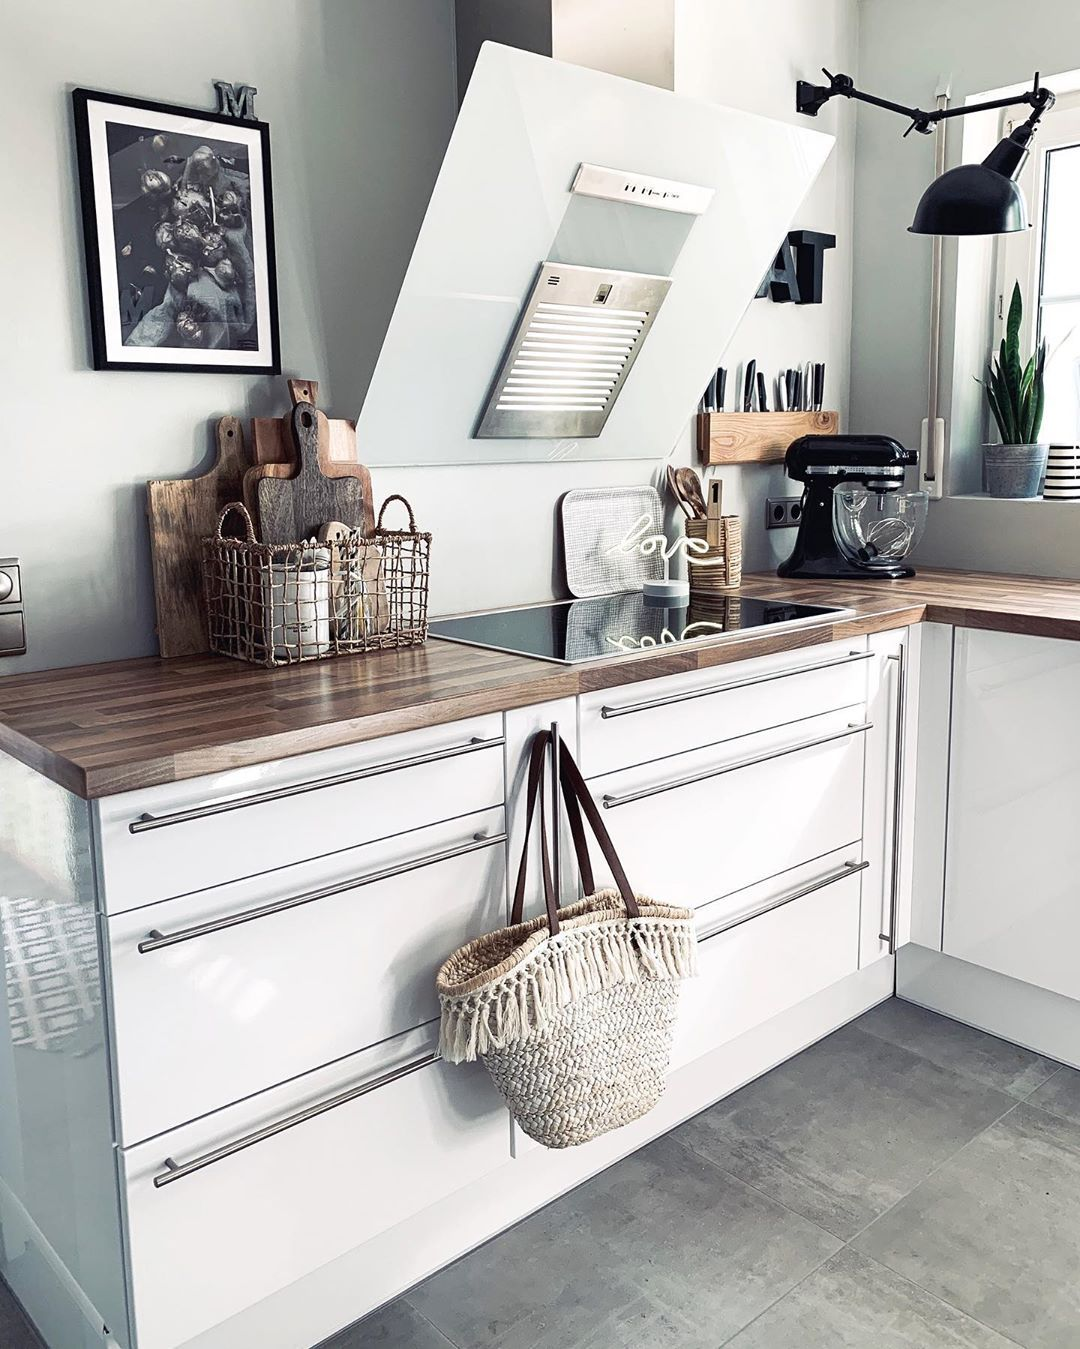 Miriam Mika Kalina Auf Instagram Werbung Da Simmer Widder Ich And My Kitchen Nicht Mehr Laaaang Quasi Mittw Kuchenrenovierung Kuche Esszimmer Kuche